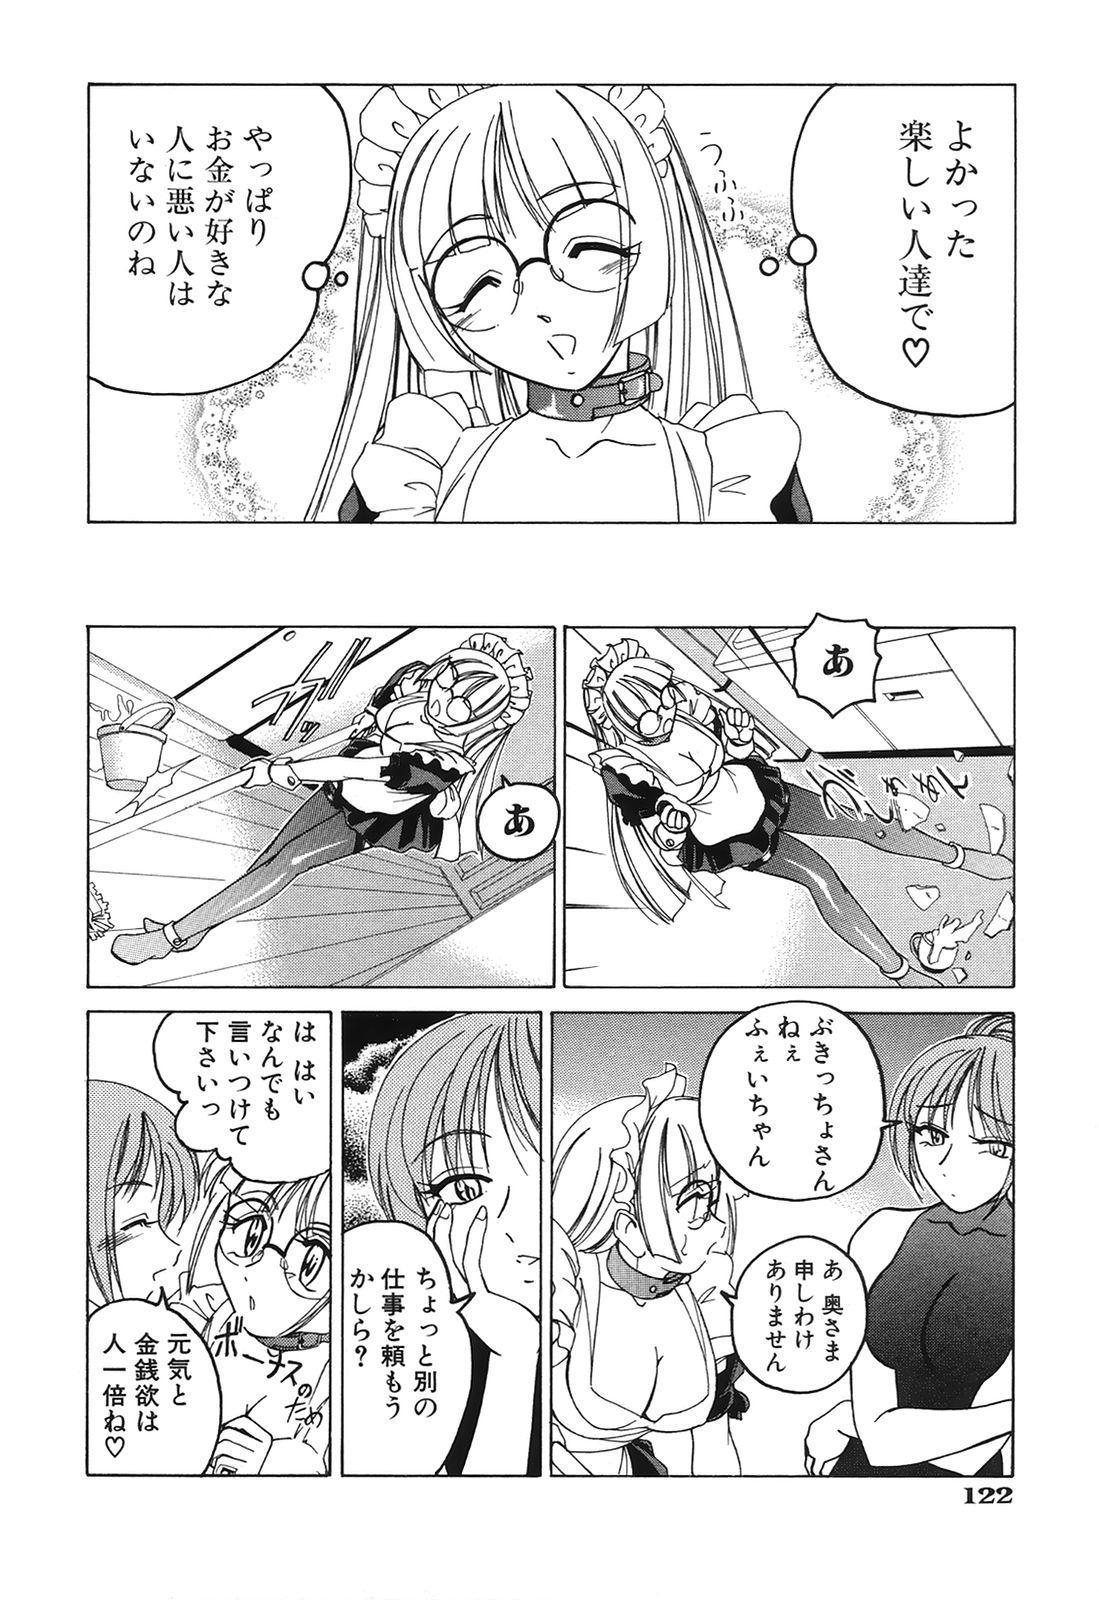 Omake No Musume 124